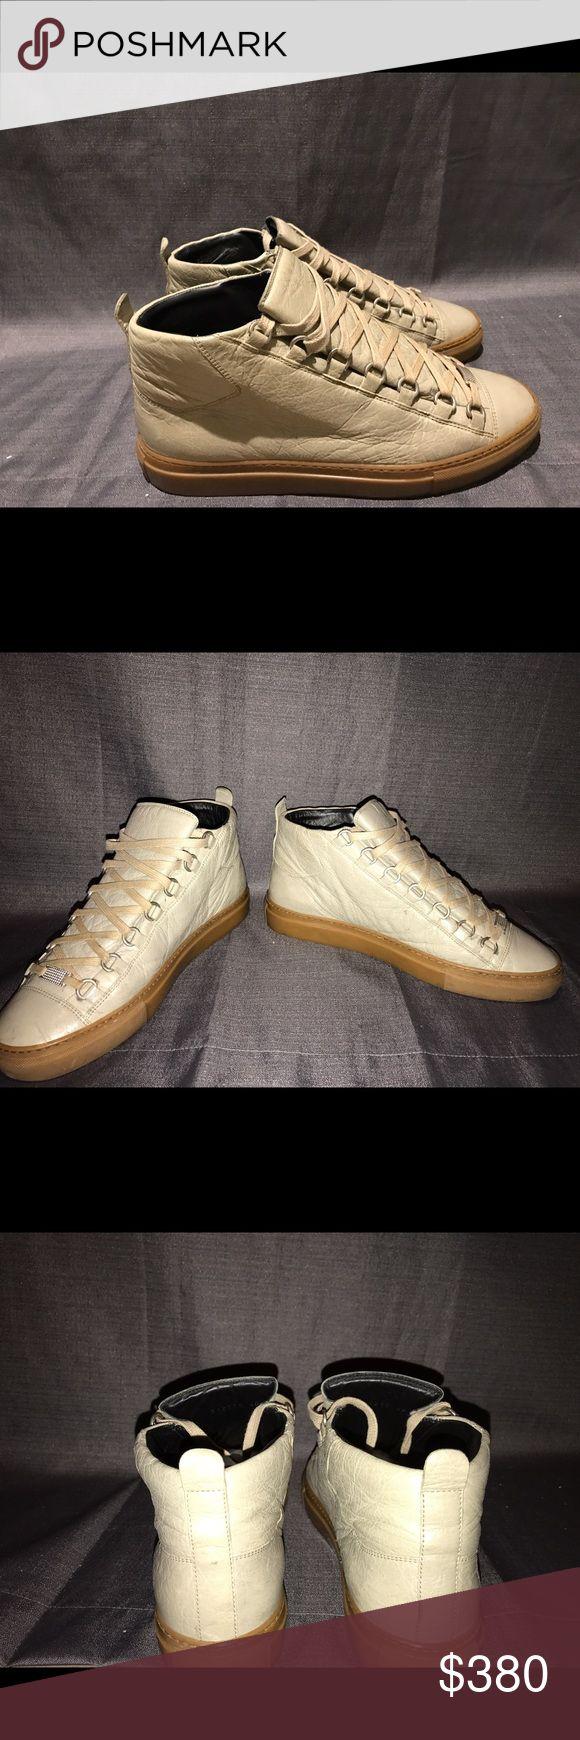 Men's Balenciaga Arena Size 41(US8) 9/10 condition Men's Rare Green Balenciaga Arena Shoes. Very well maintained. 9/10 condition. Barely ever worn. Balenciaga Shoes Sneakers